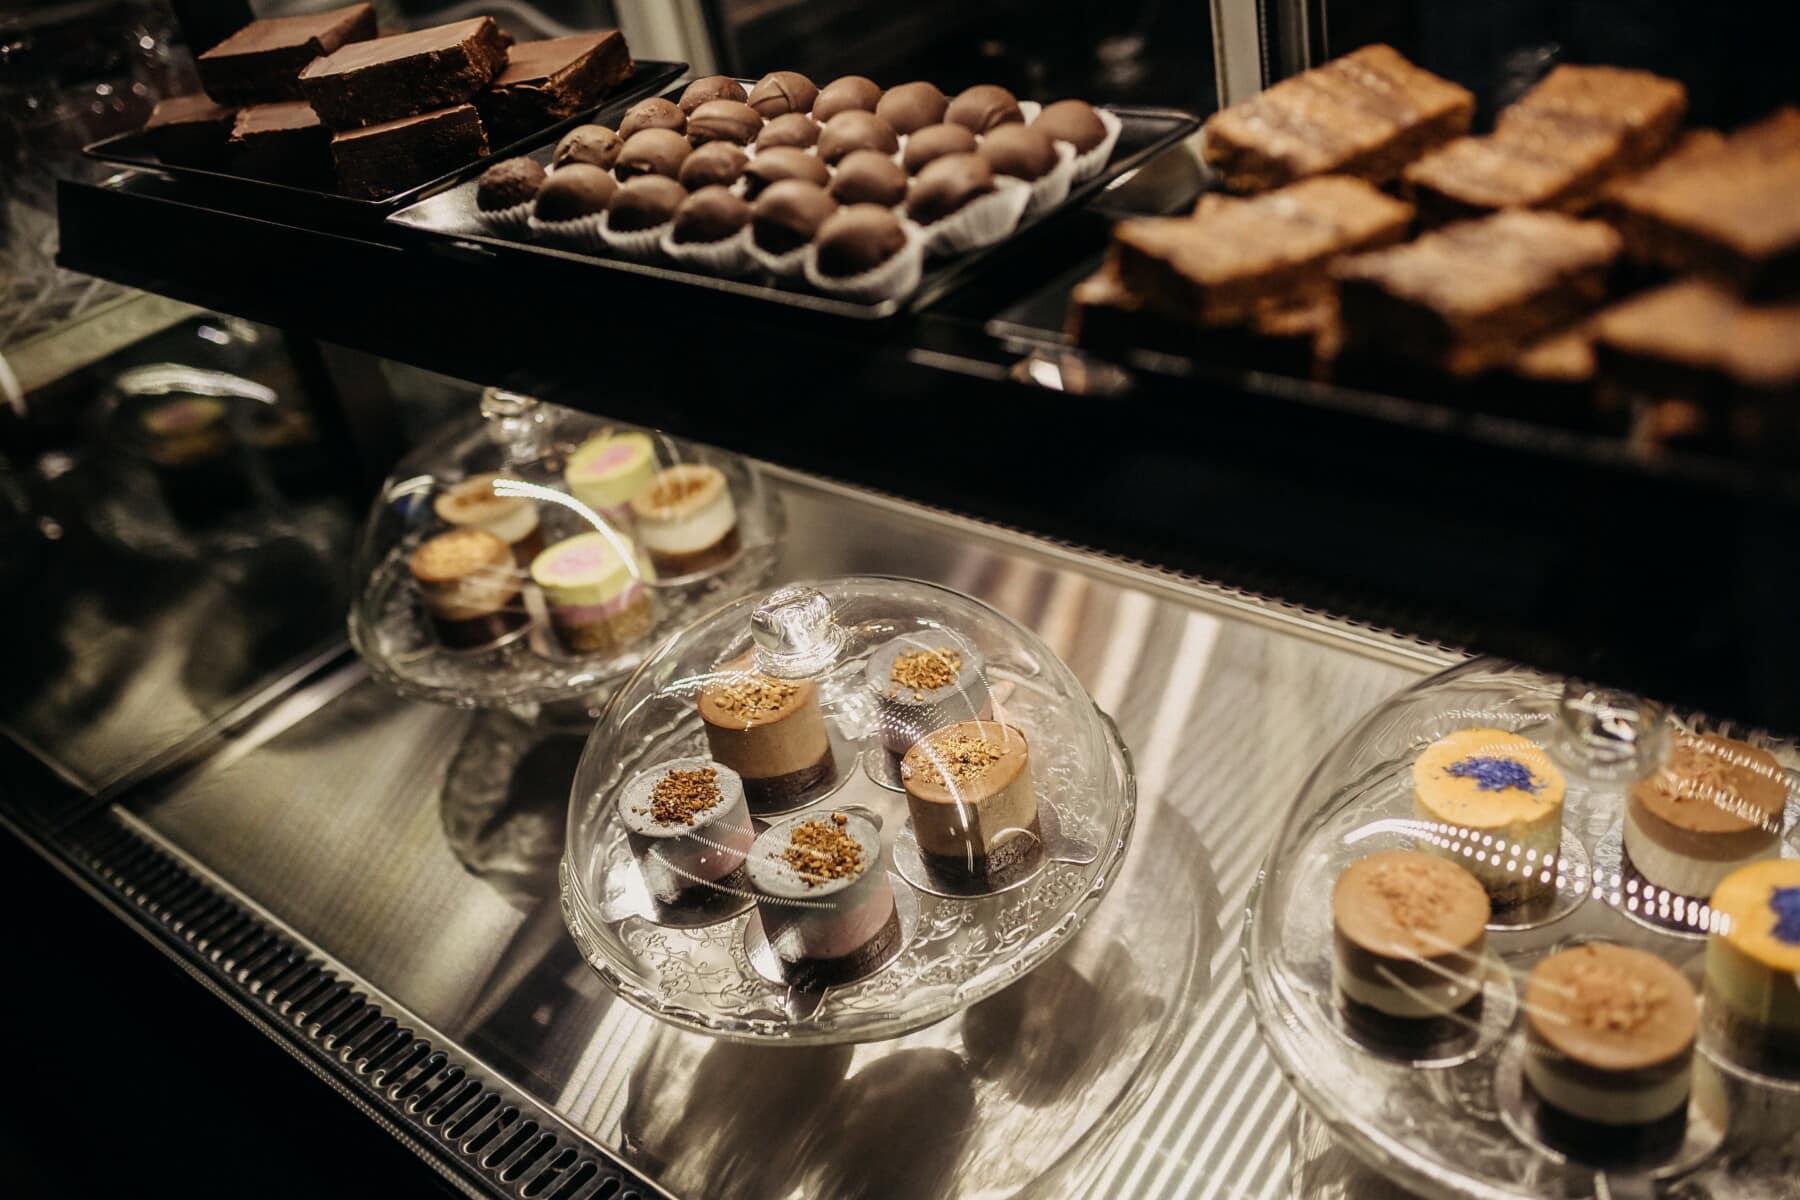 kakkukauppa, kakut, valikoima, keksi, keittiön pöydän, suklaa, Keittiö, makea, myymälä, ruoka